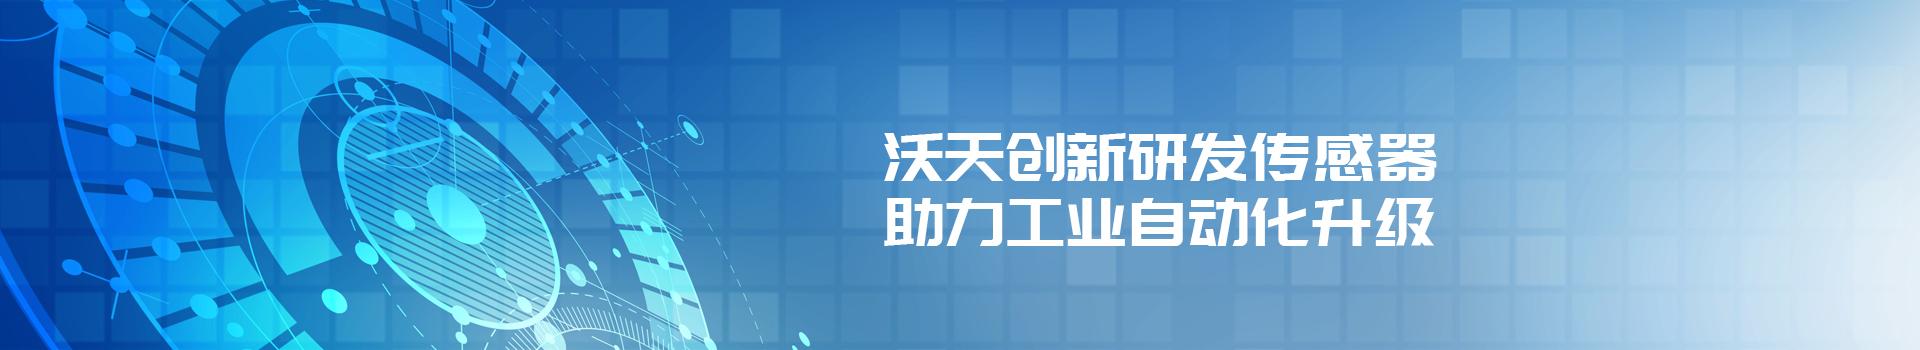 沃天创新研发传感器、助力工业自动化升级